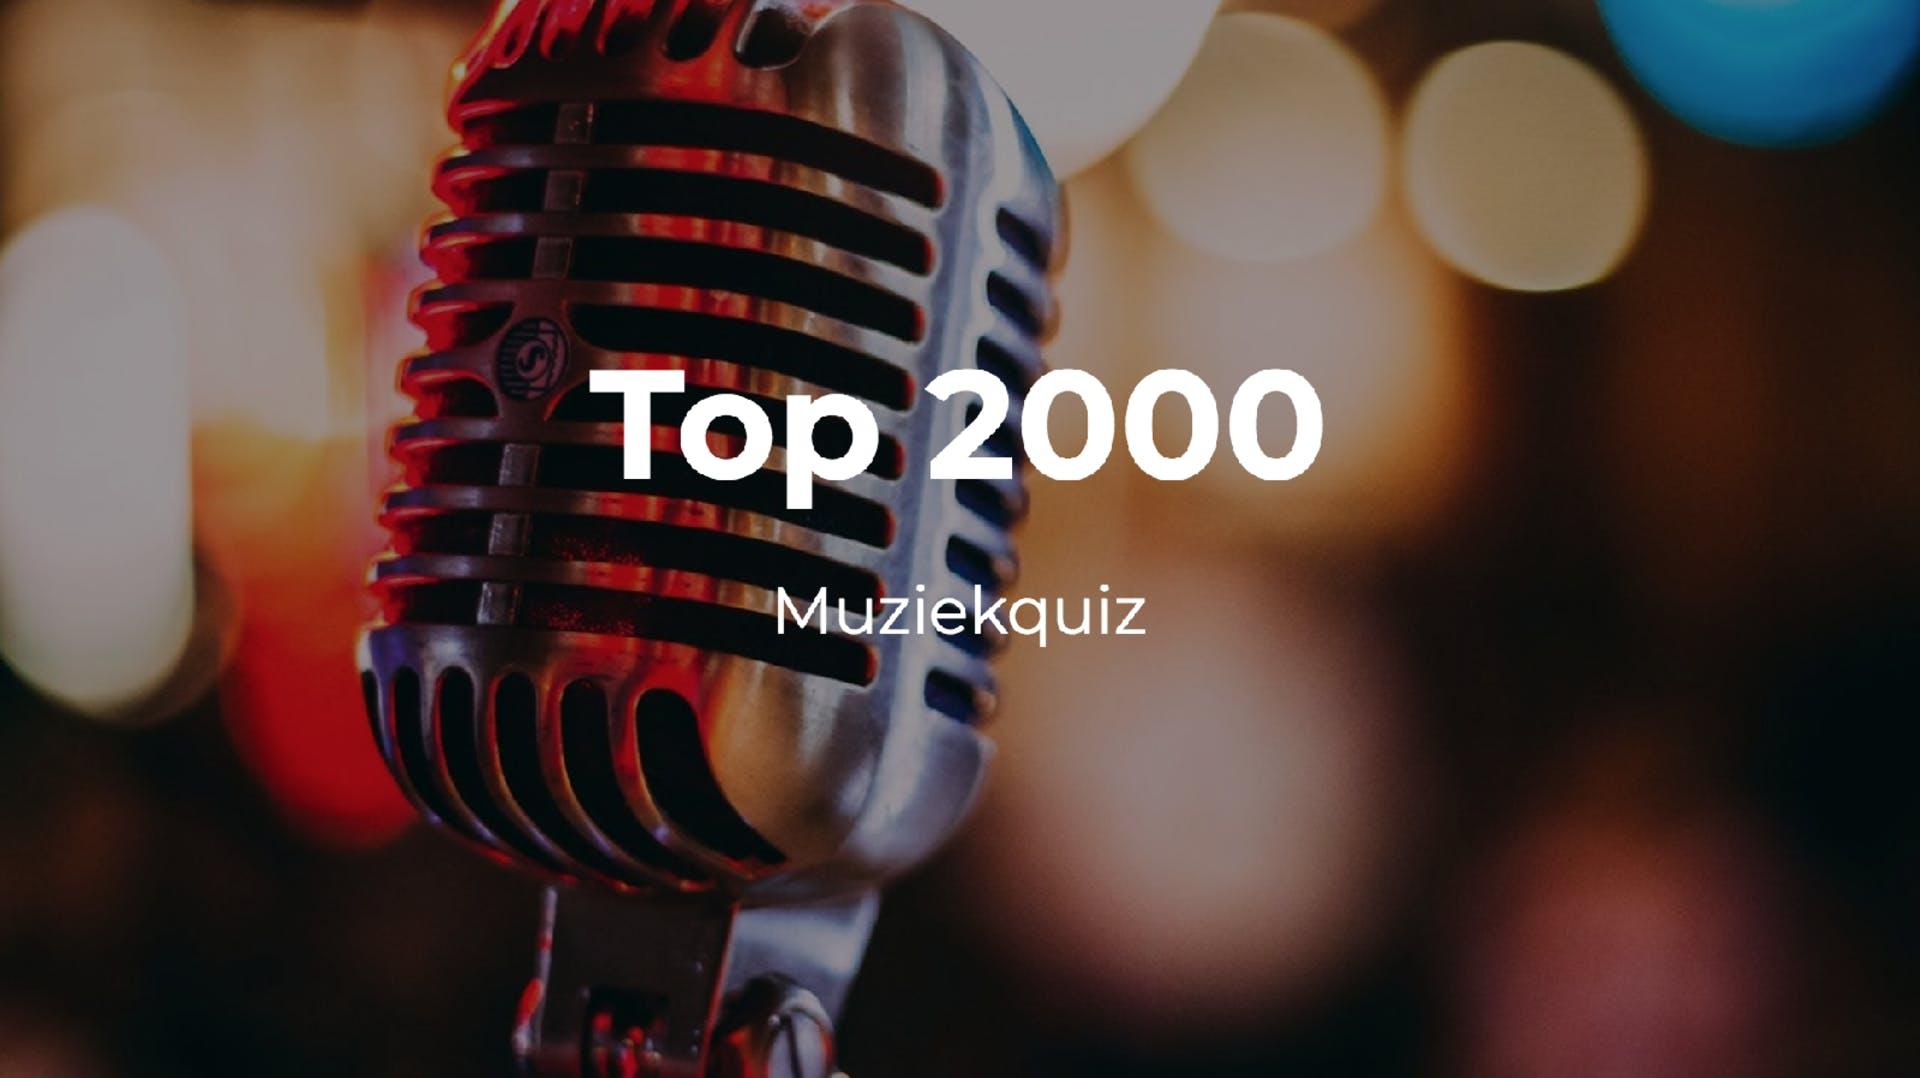 Les top 2000